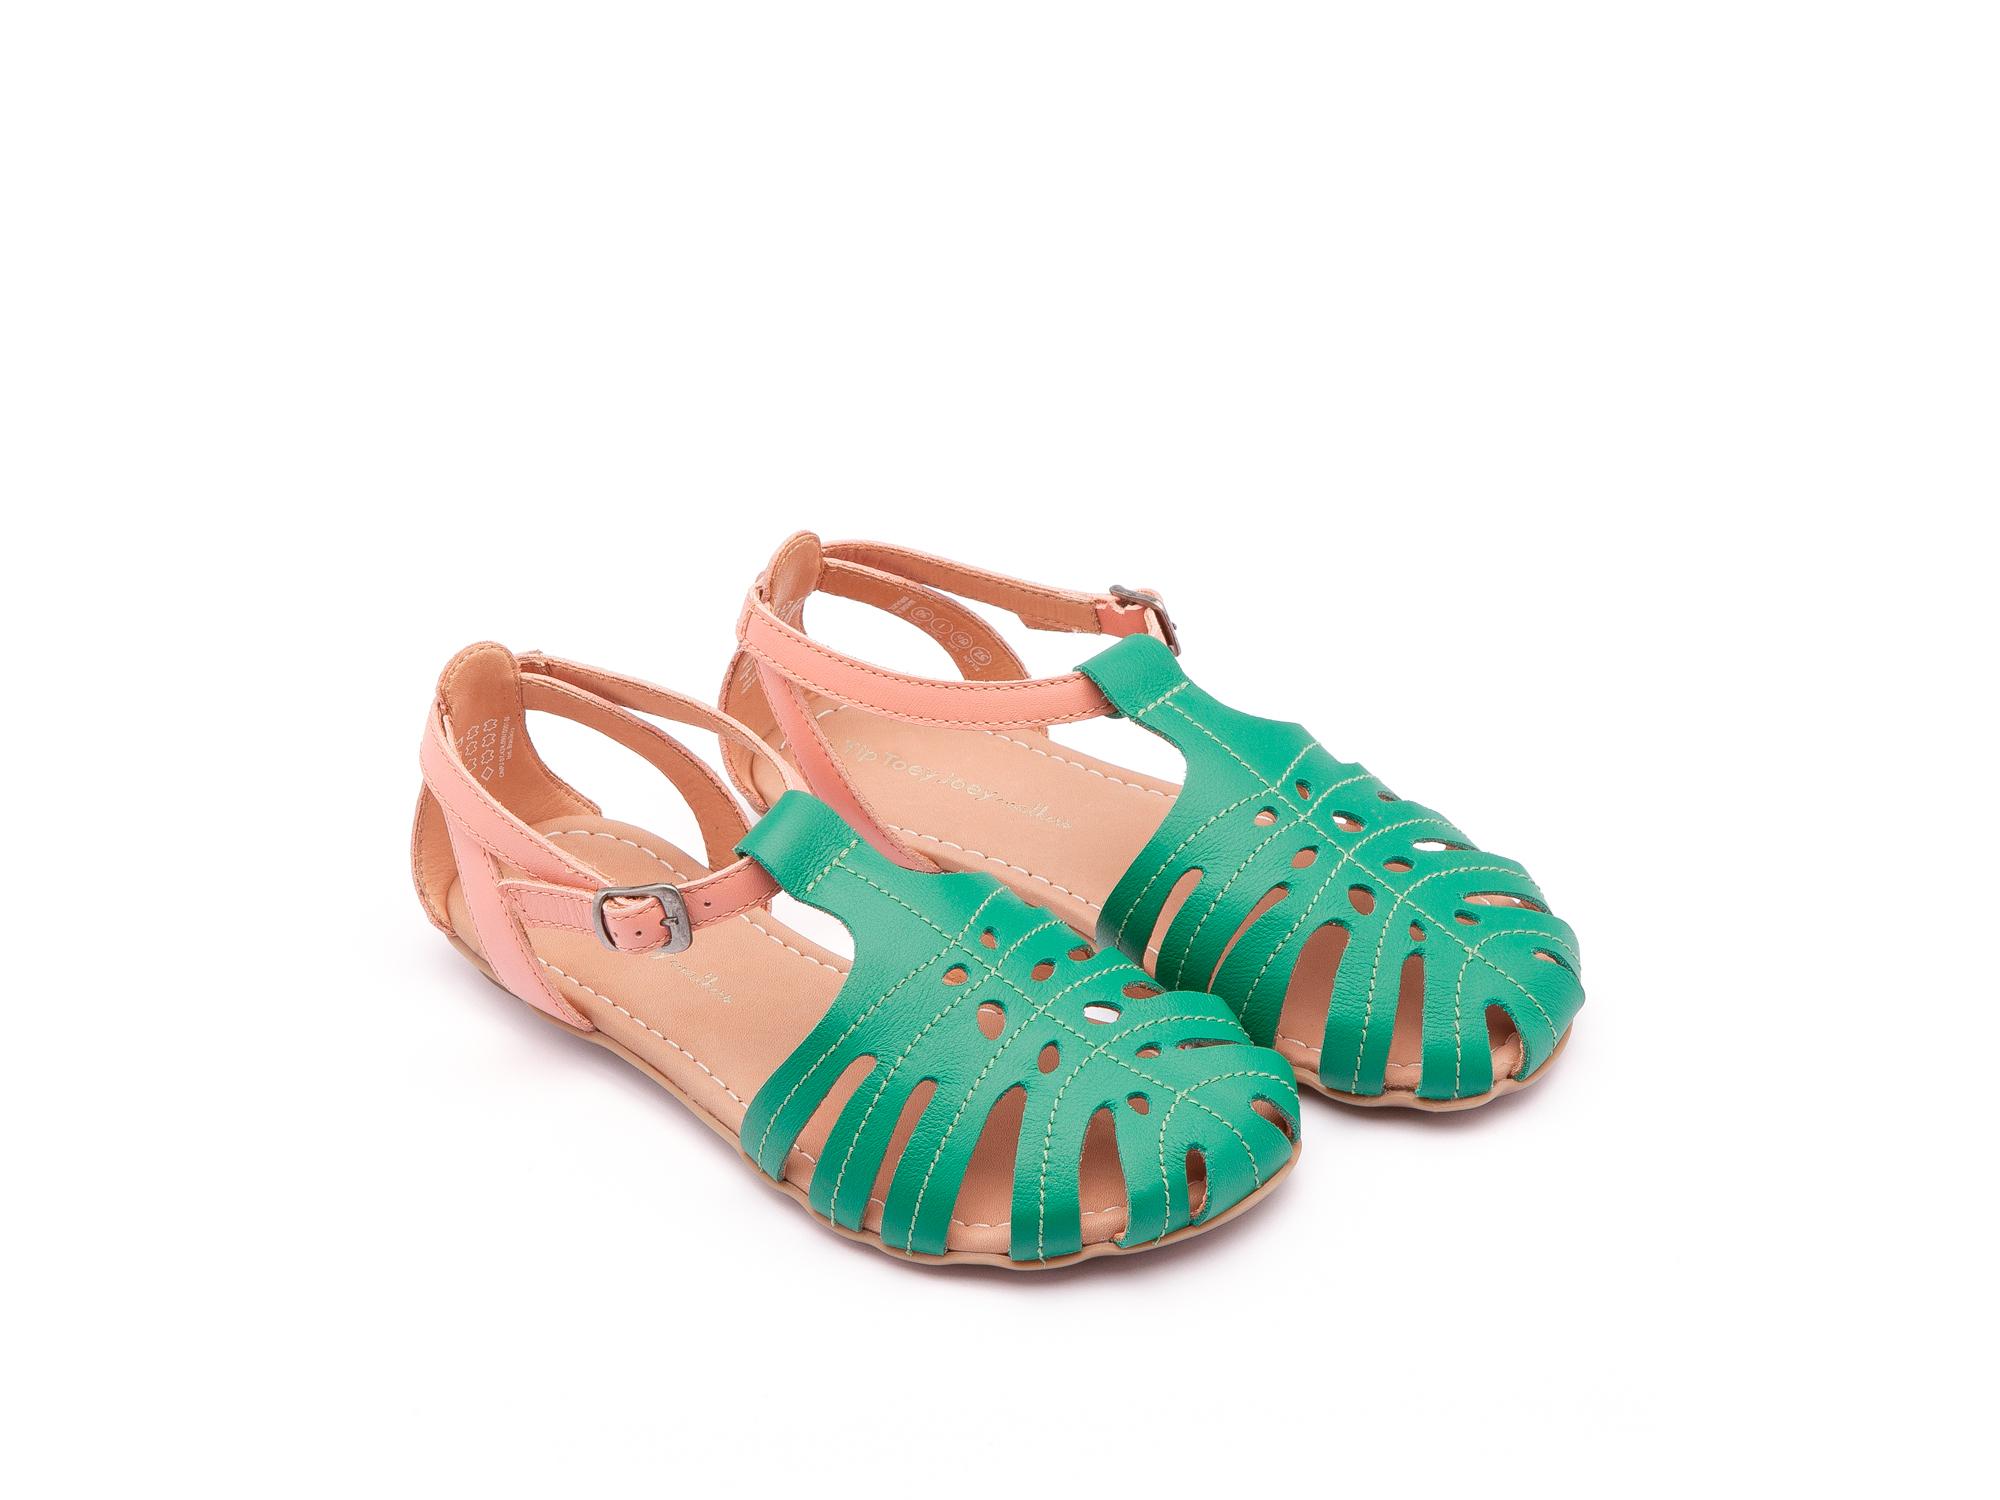 Sandália Tropical Green Leaf/ Flamingo Junior 4 à 8 anos - 0